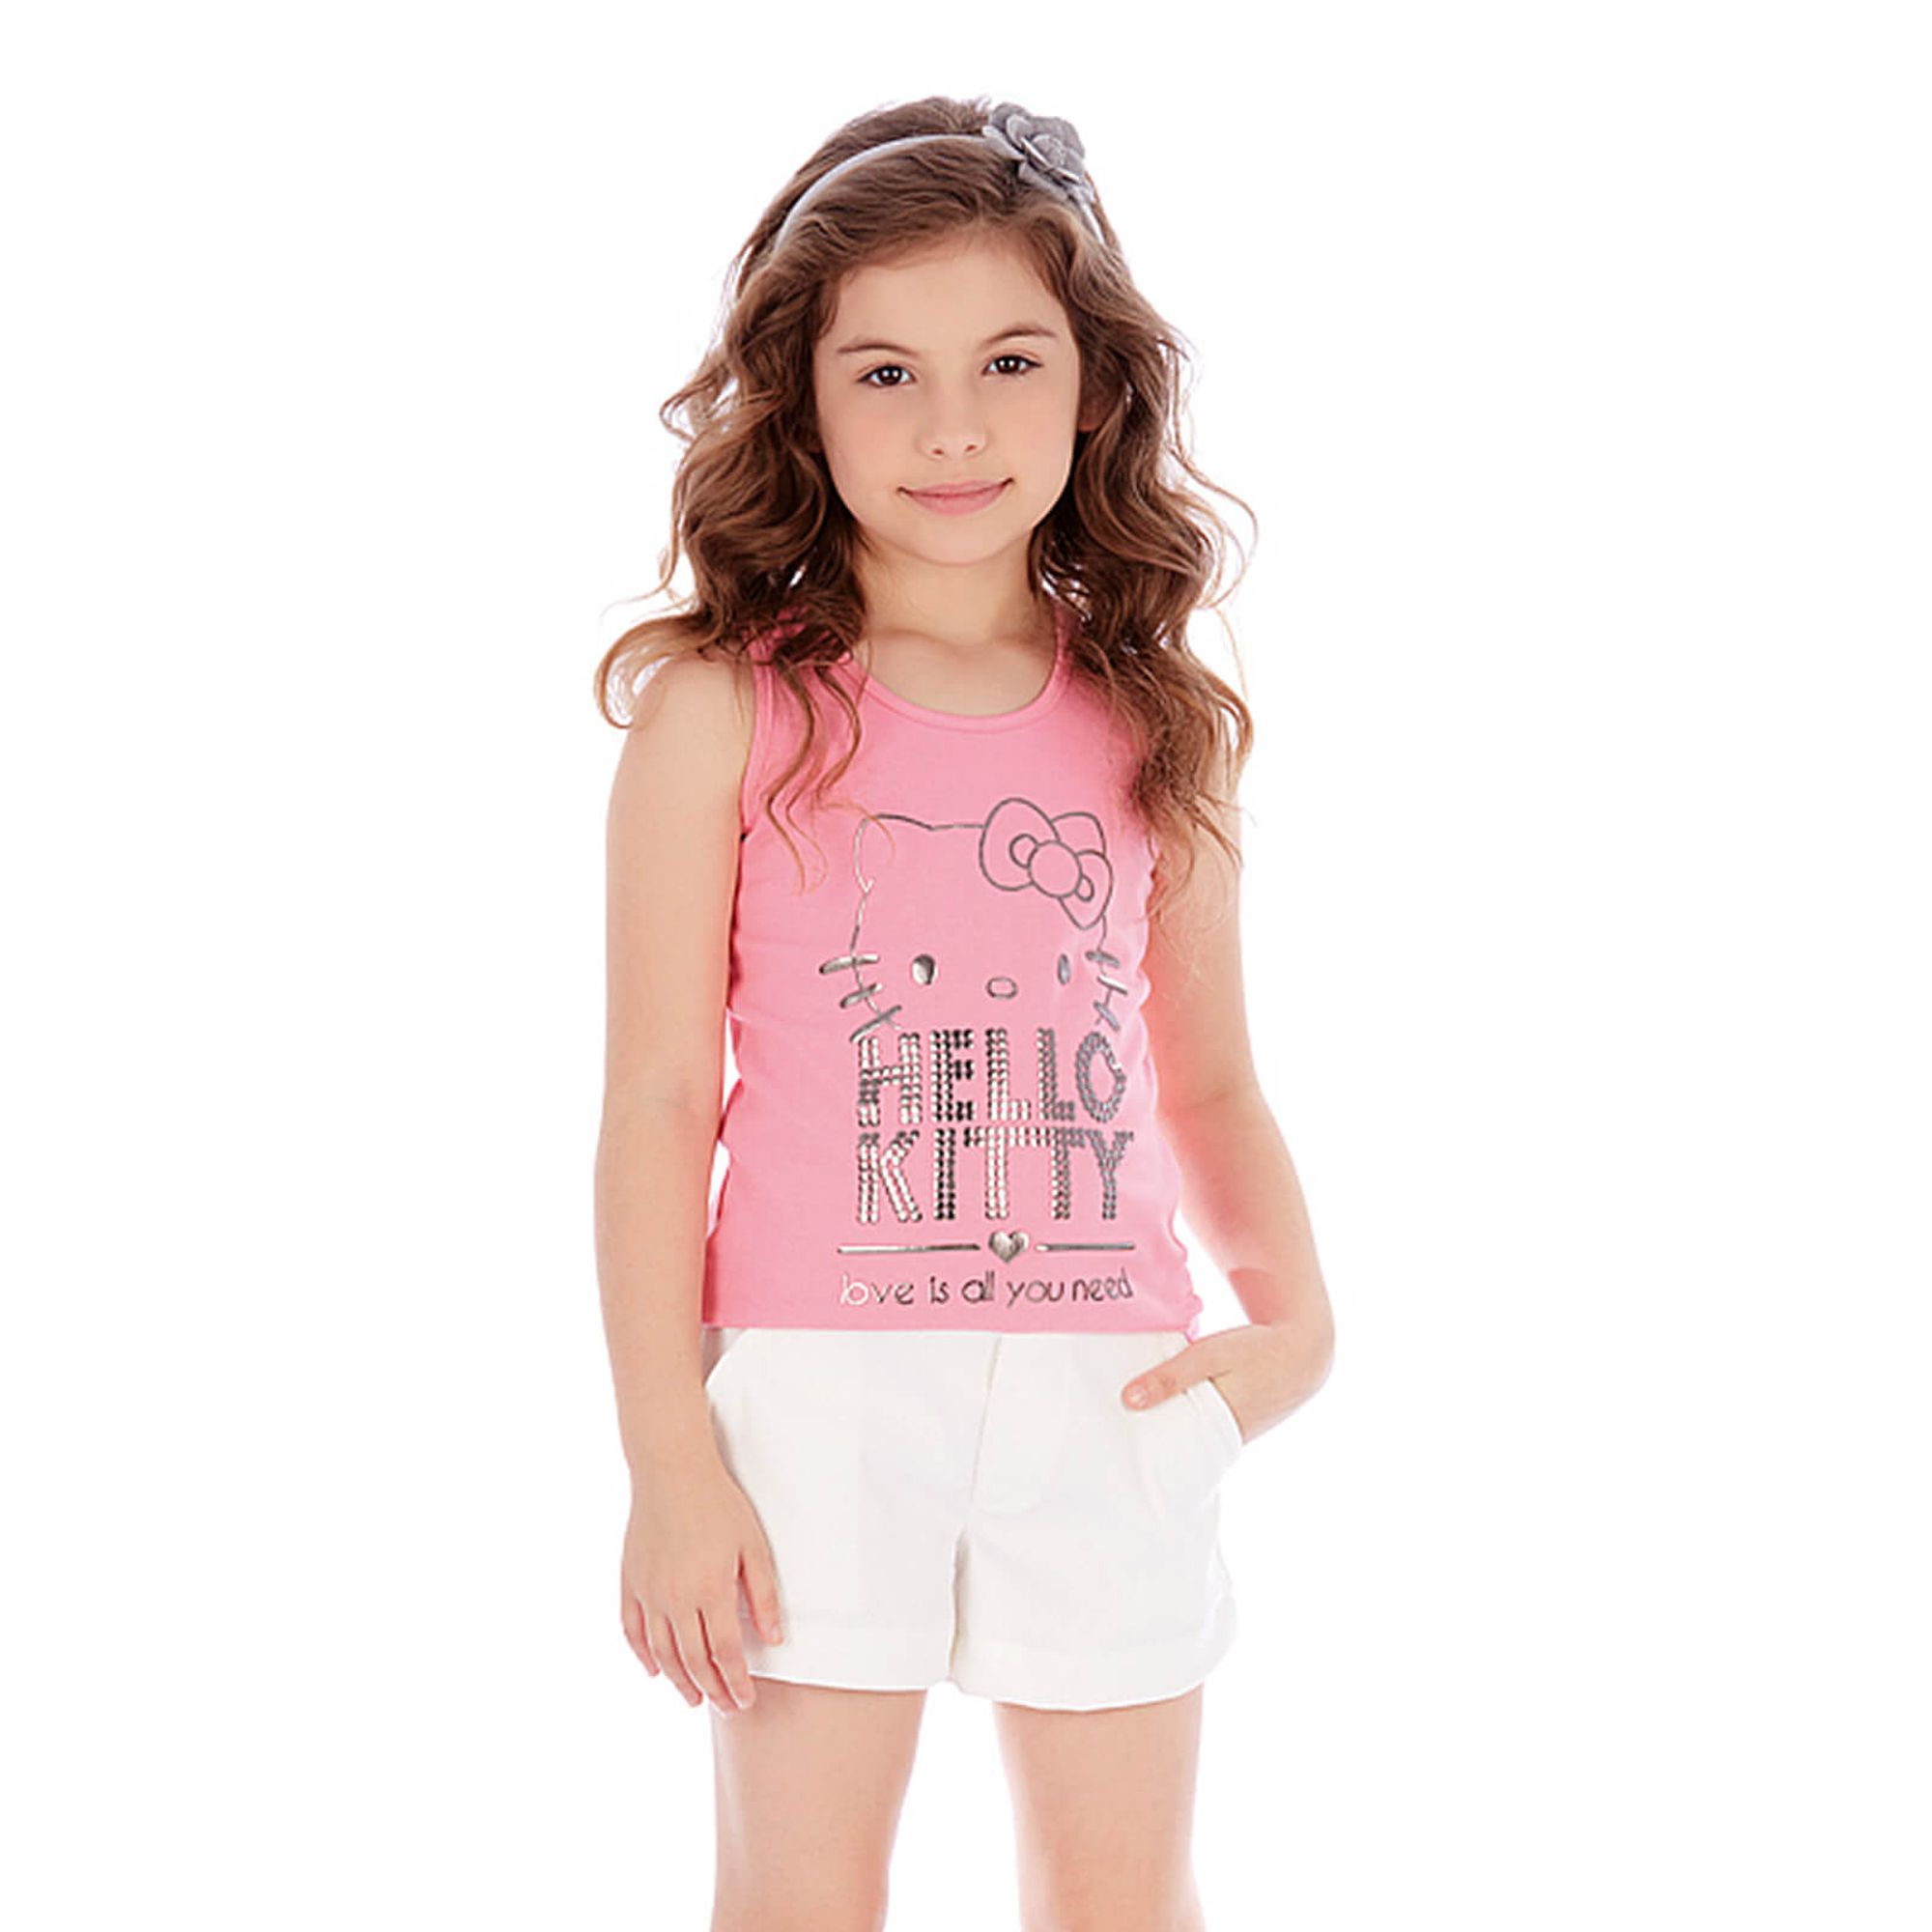 6c86c6ae61a7 Conjunto Infantil Hello Kitty Regata Rosa e Short Piquet Branco 6 anos